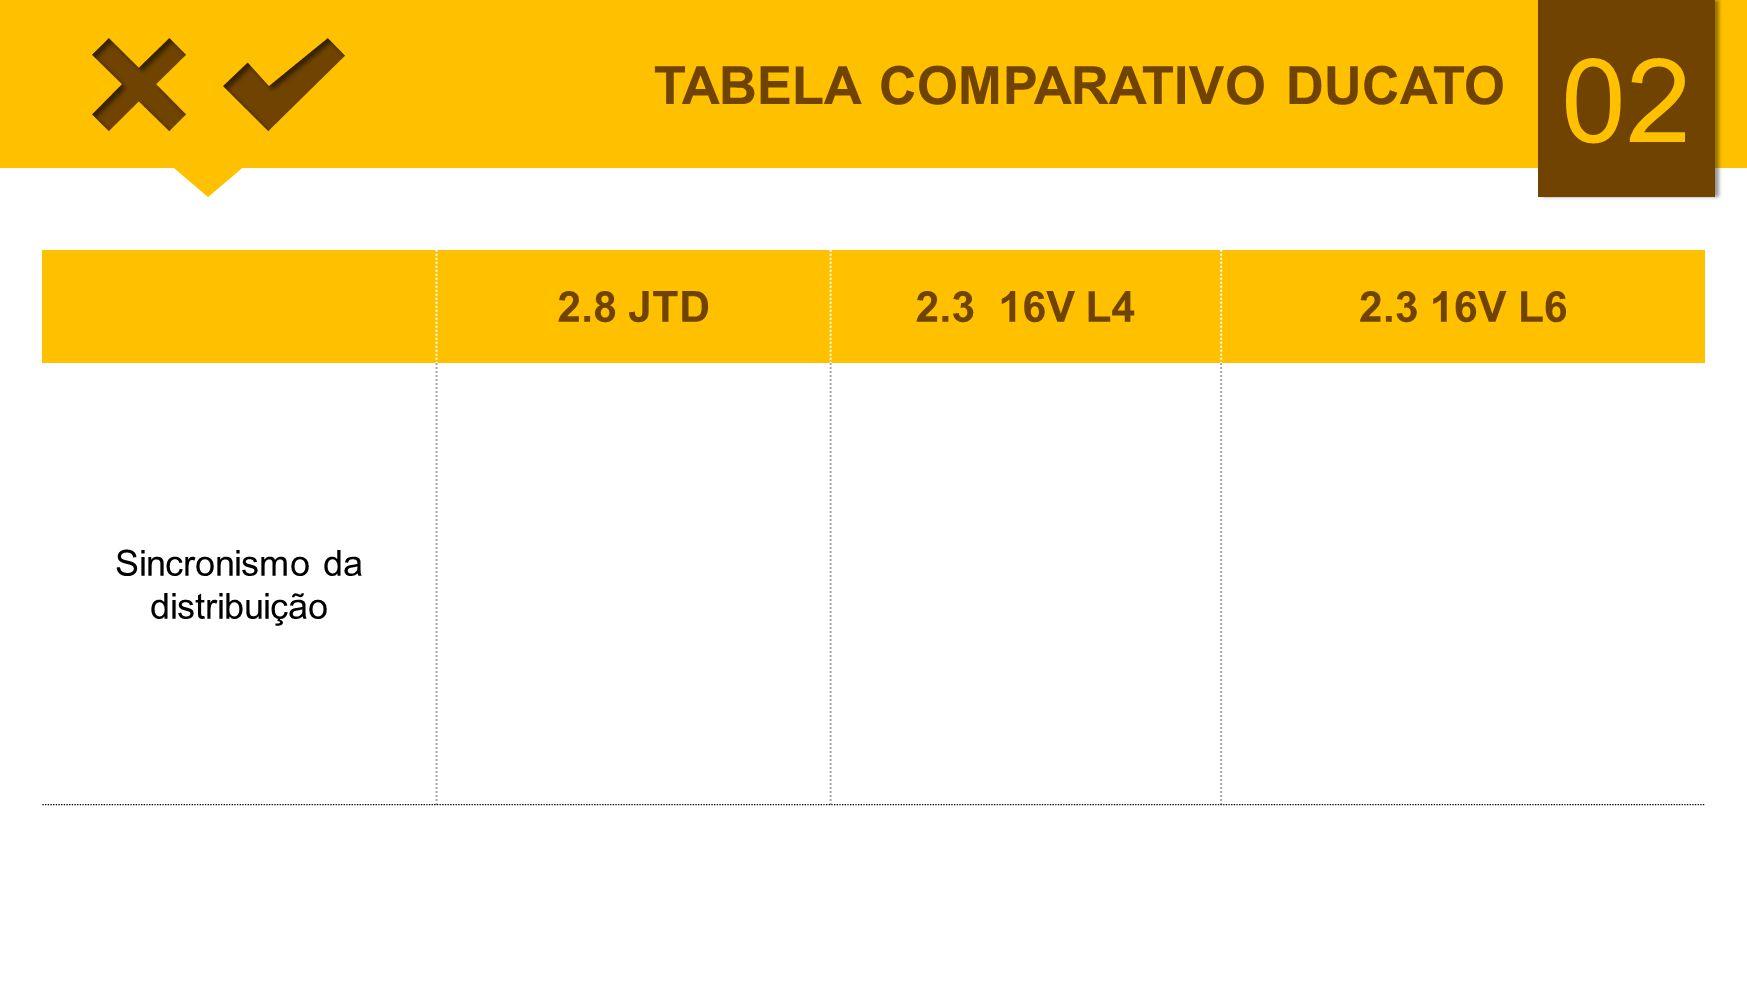 02 TABELA COMPARATIVO DUCATO 2.8 JTD2.3 16V L42.3 16V L6 Sincronismo da distribuição referências das polias, tampa de válvulas, tampa plástica de prot